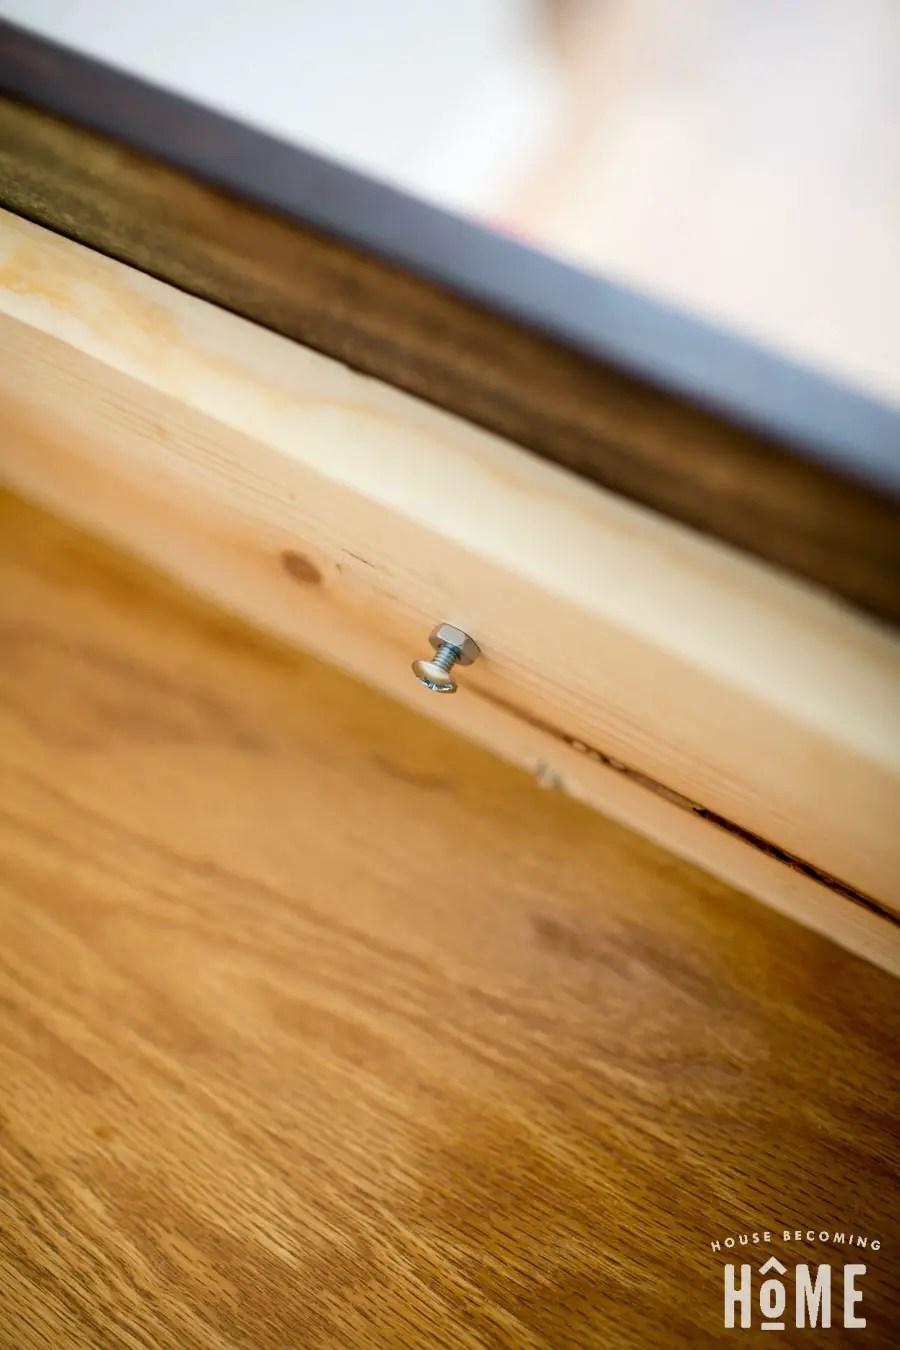 DIY drawer knob screwed into drawer